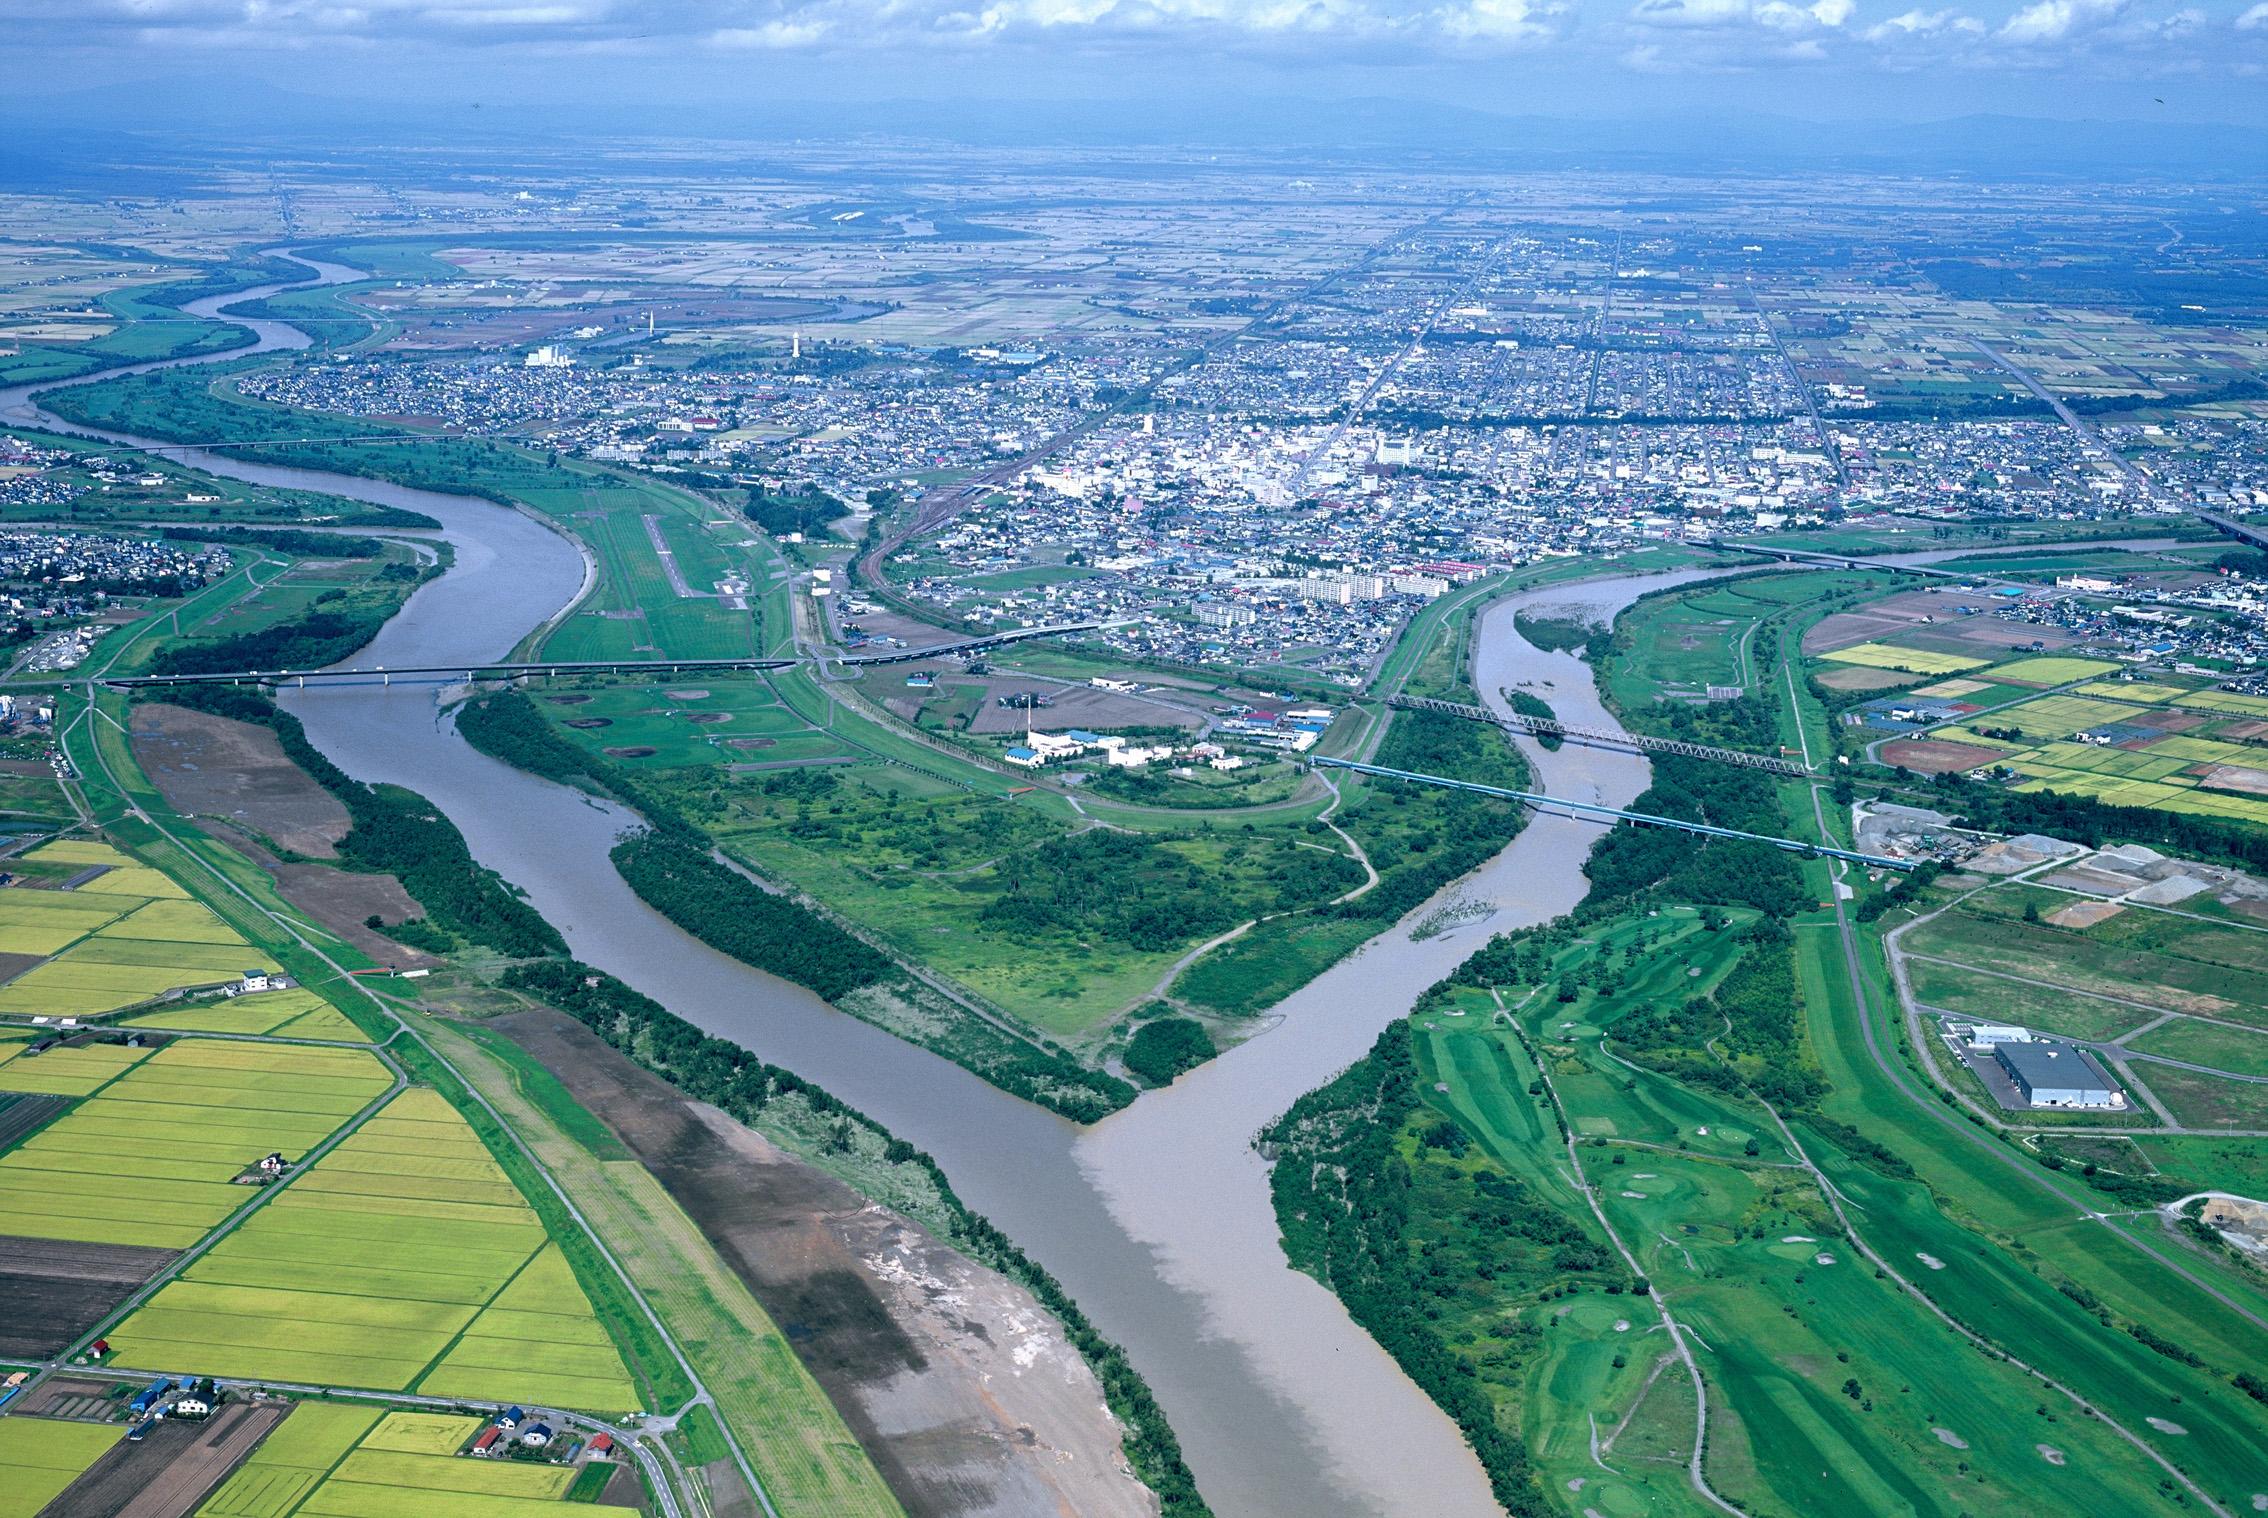 滝川市を上空から見た風景